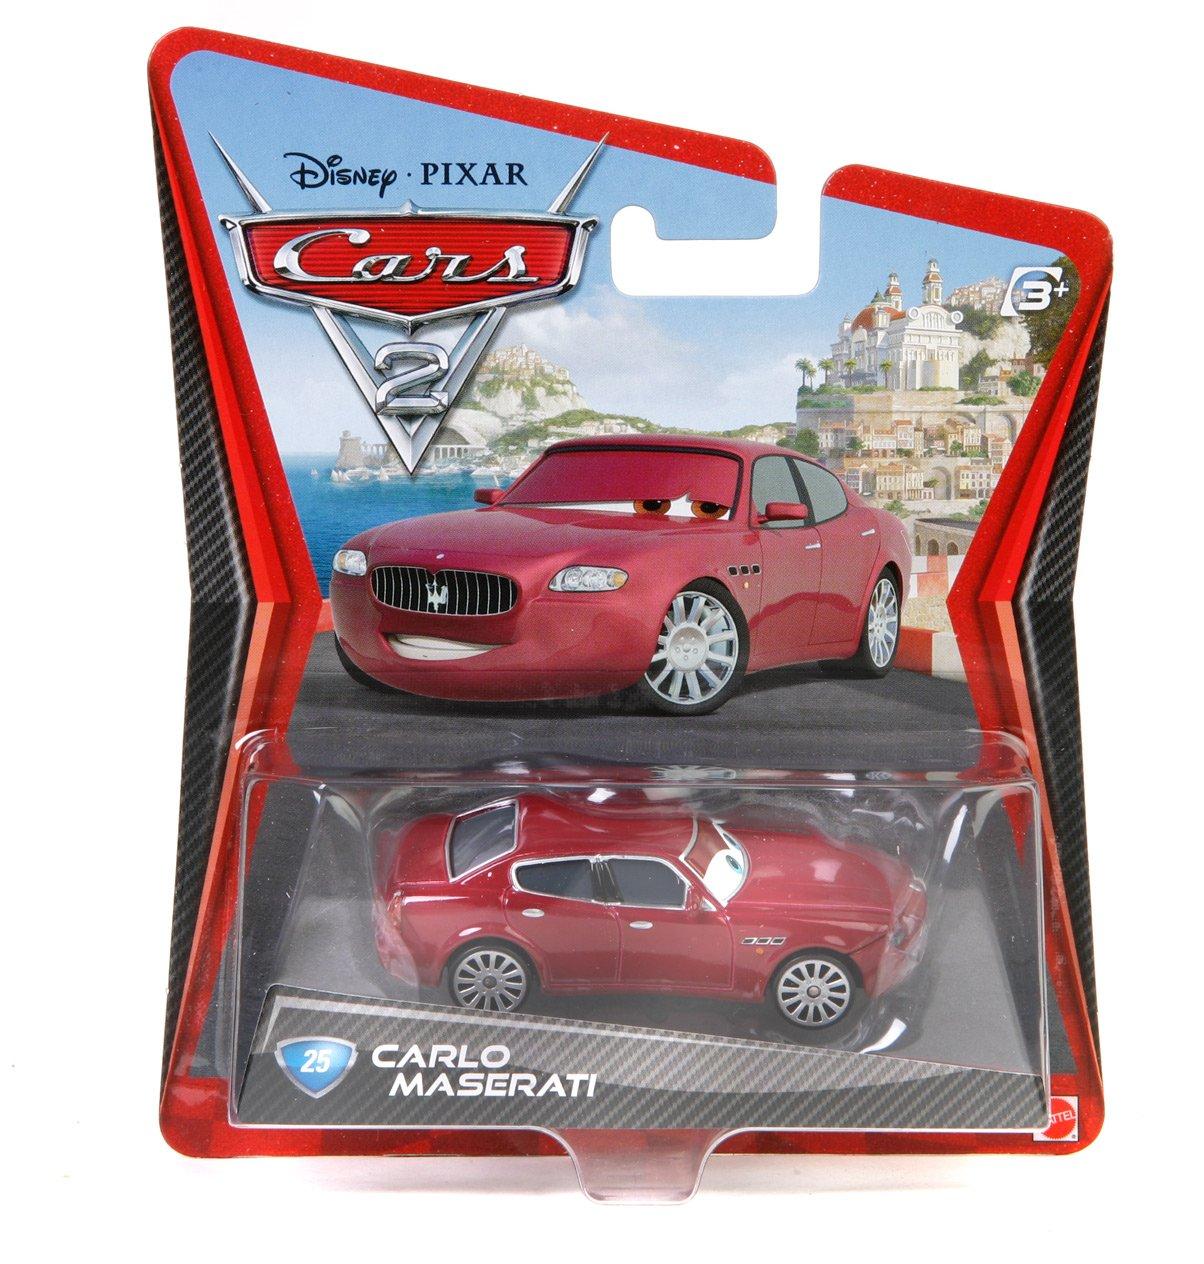 Hermosos juguetes de la marca Maserati para jugarhttps://amzn.to/2xK4llA